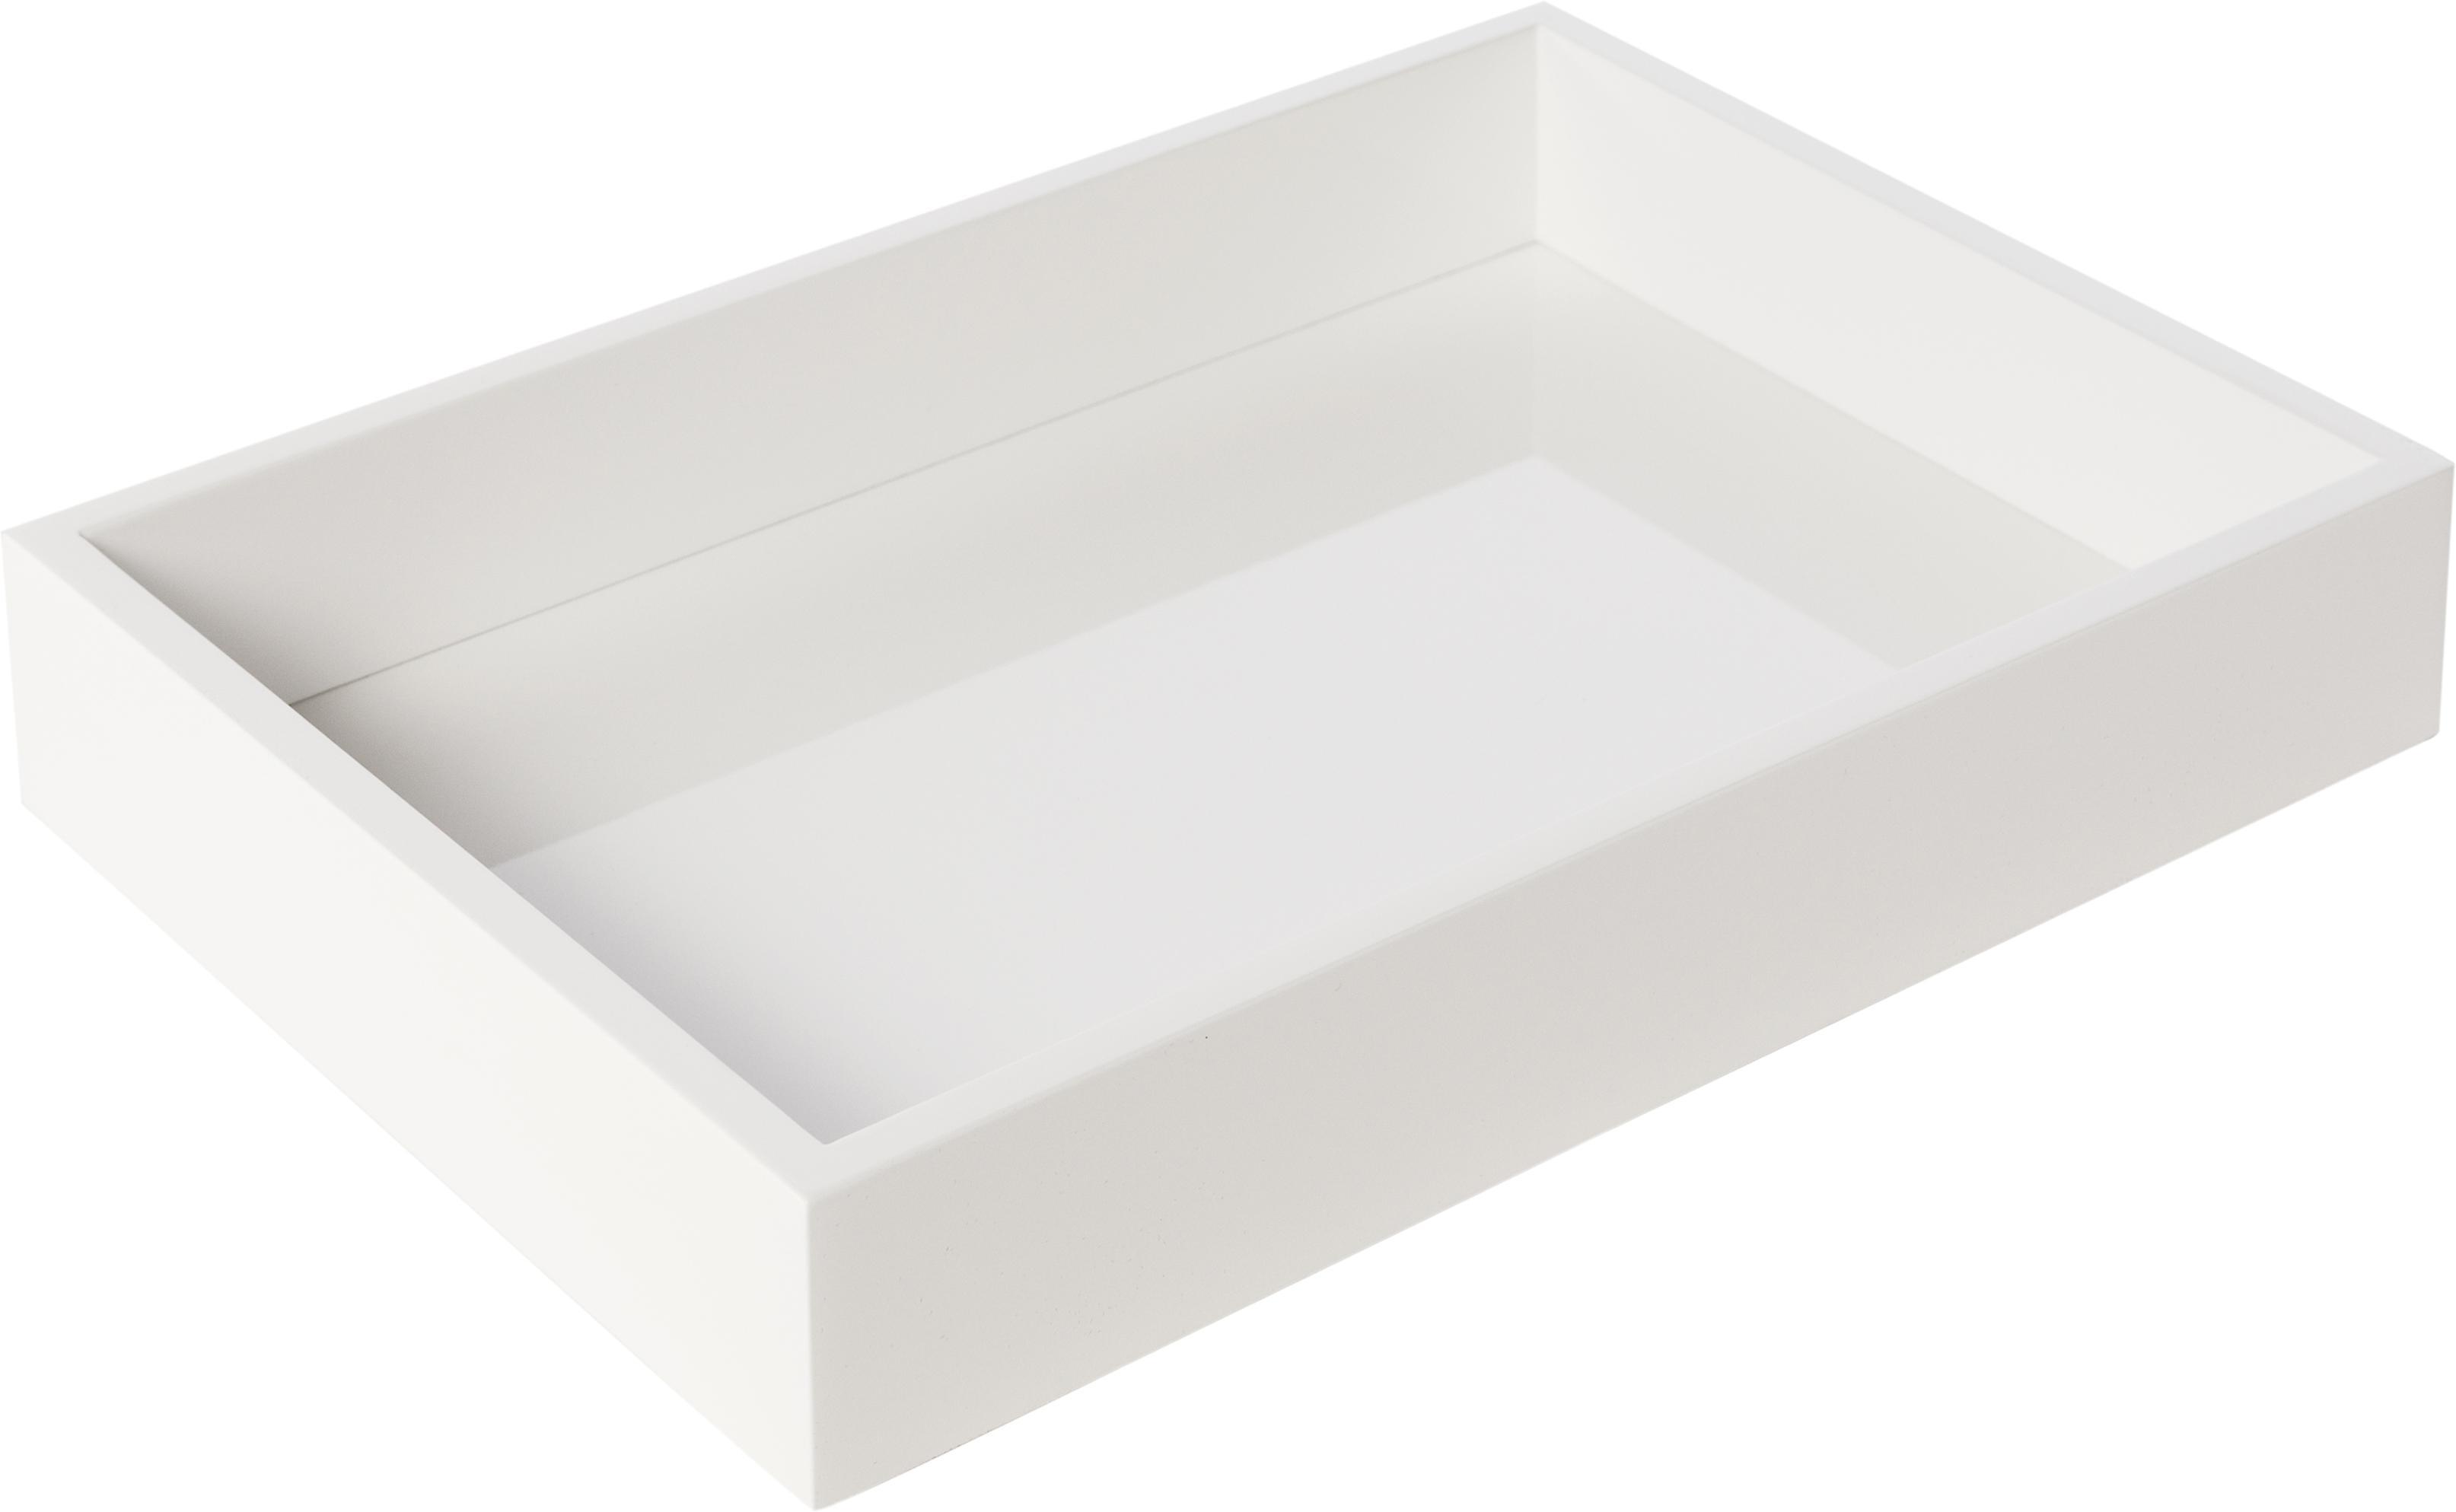 Hochglanz-Tablett Hayley in Weiss, Tablett: Mitteldichte Holzfaserpla, Unterseite: Samtbezug, Weiss, B 33 x T 24 cm